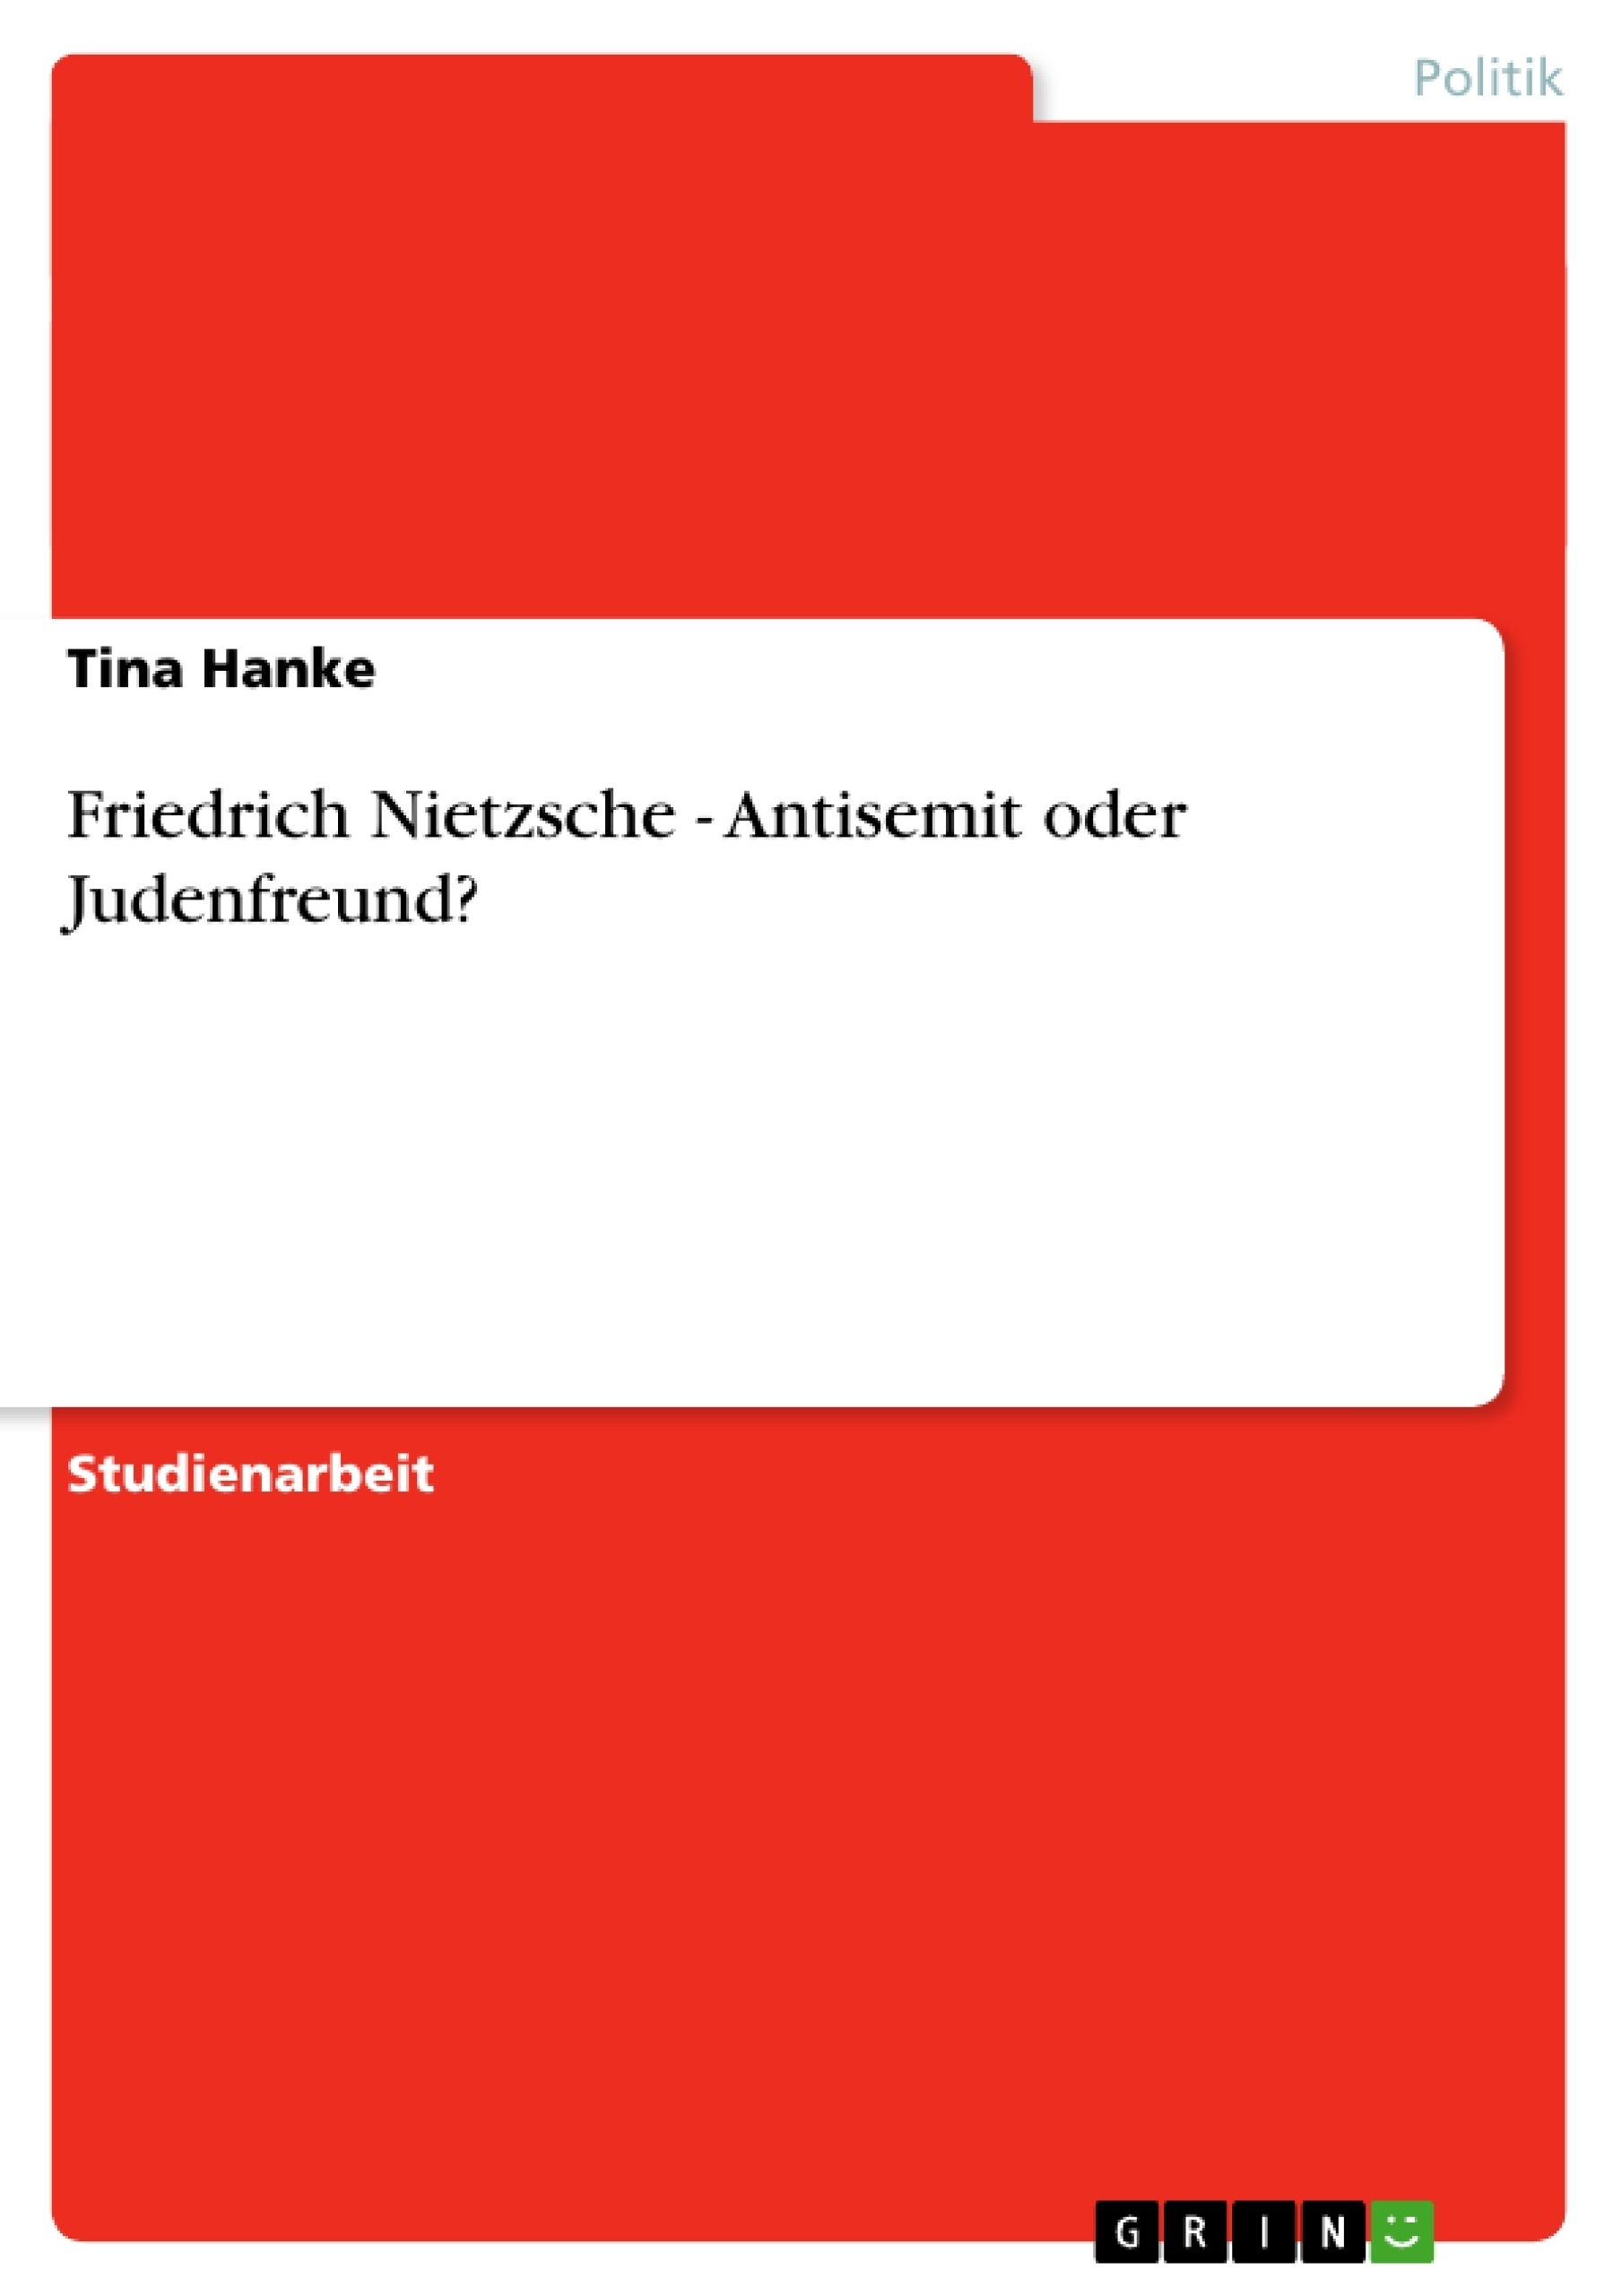 Titel: Friedrich Nietzsche - Antisemit oder Judenfreund?